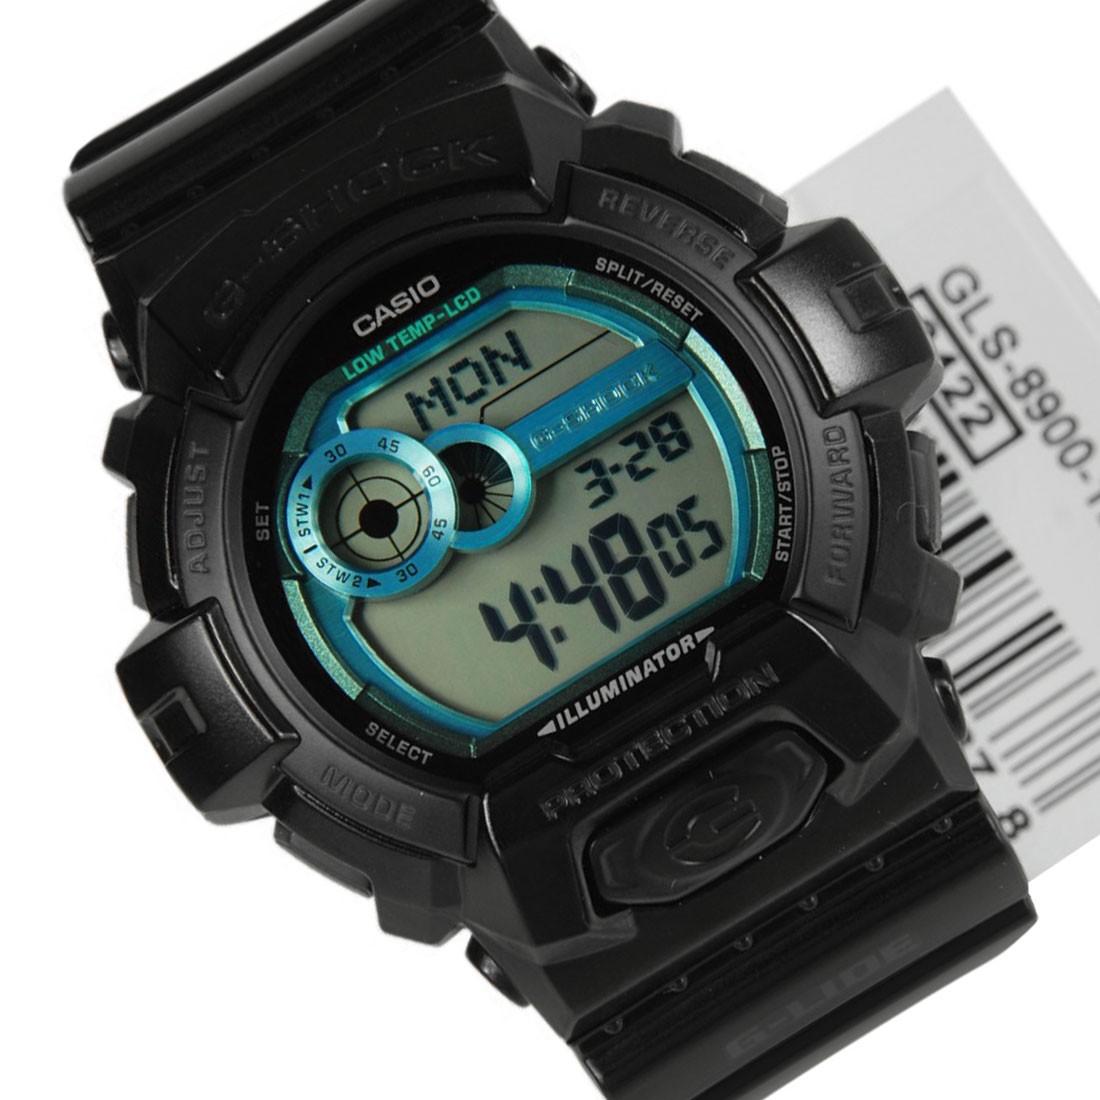 Casio G Shock Lide Digital Watch Gls 8900 1dr Gac 110 1adr Add To Wishlist Loading